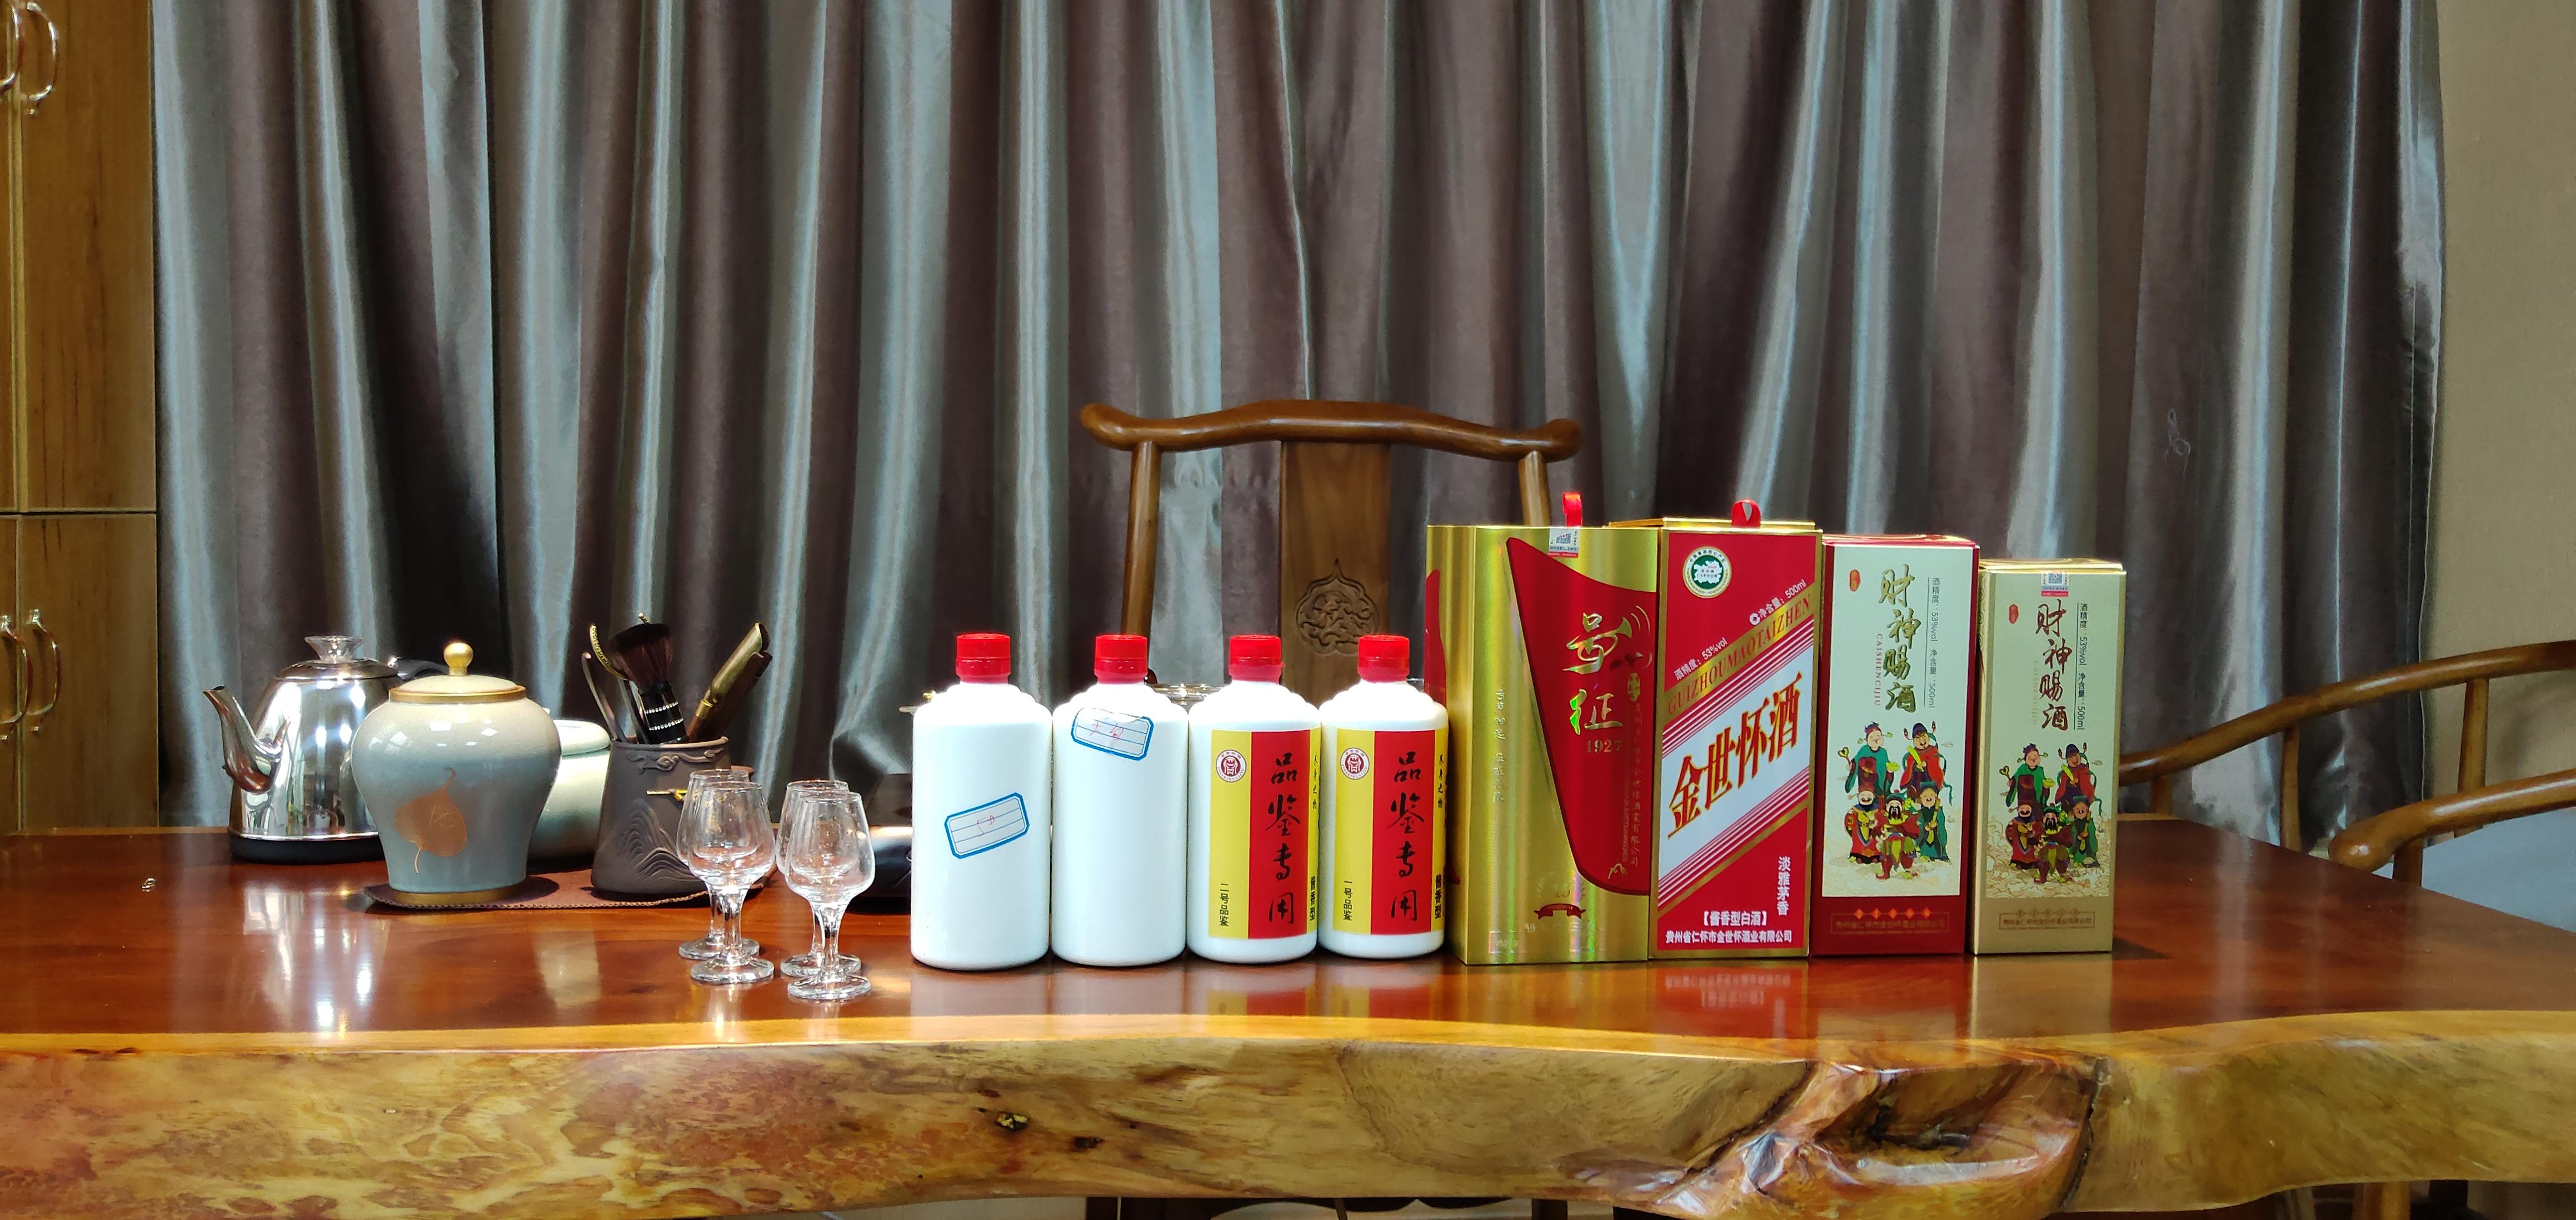 酒鬼酒甜蜜素风波引发思考的问题:市场上的白酒究竟有没有添加甜蜜素?